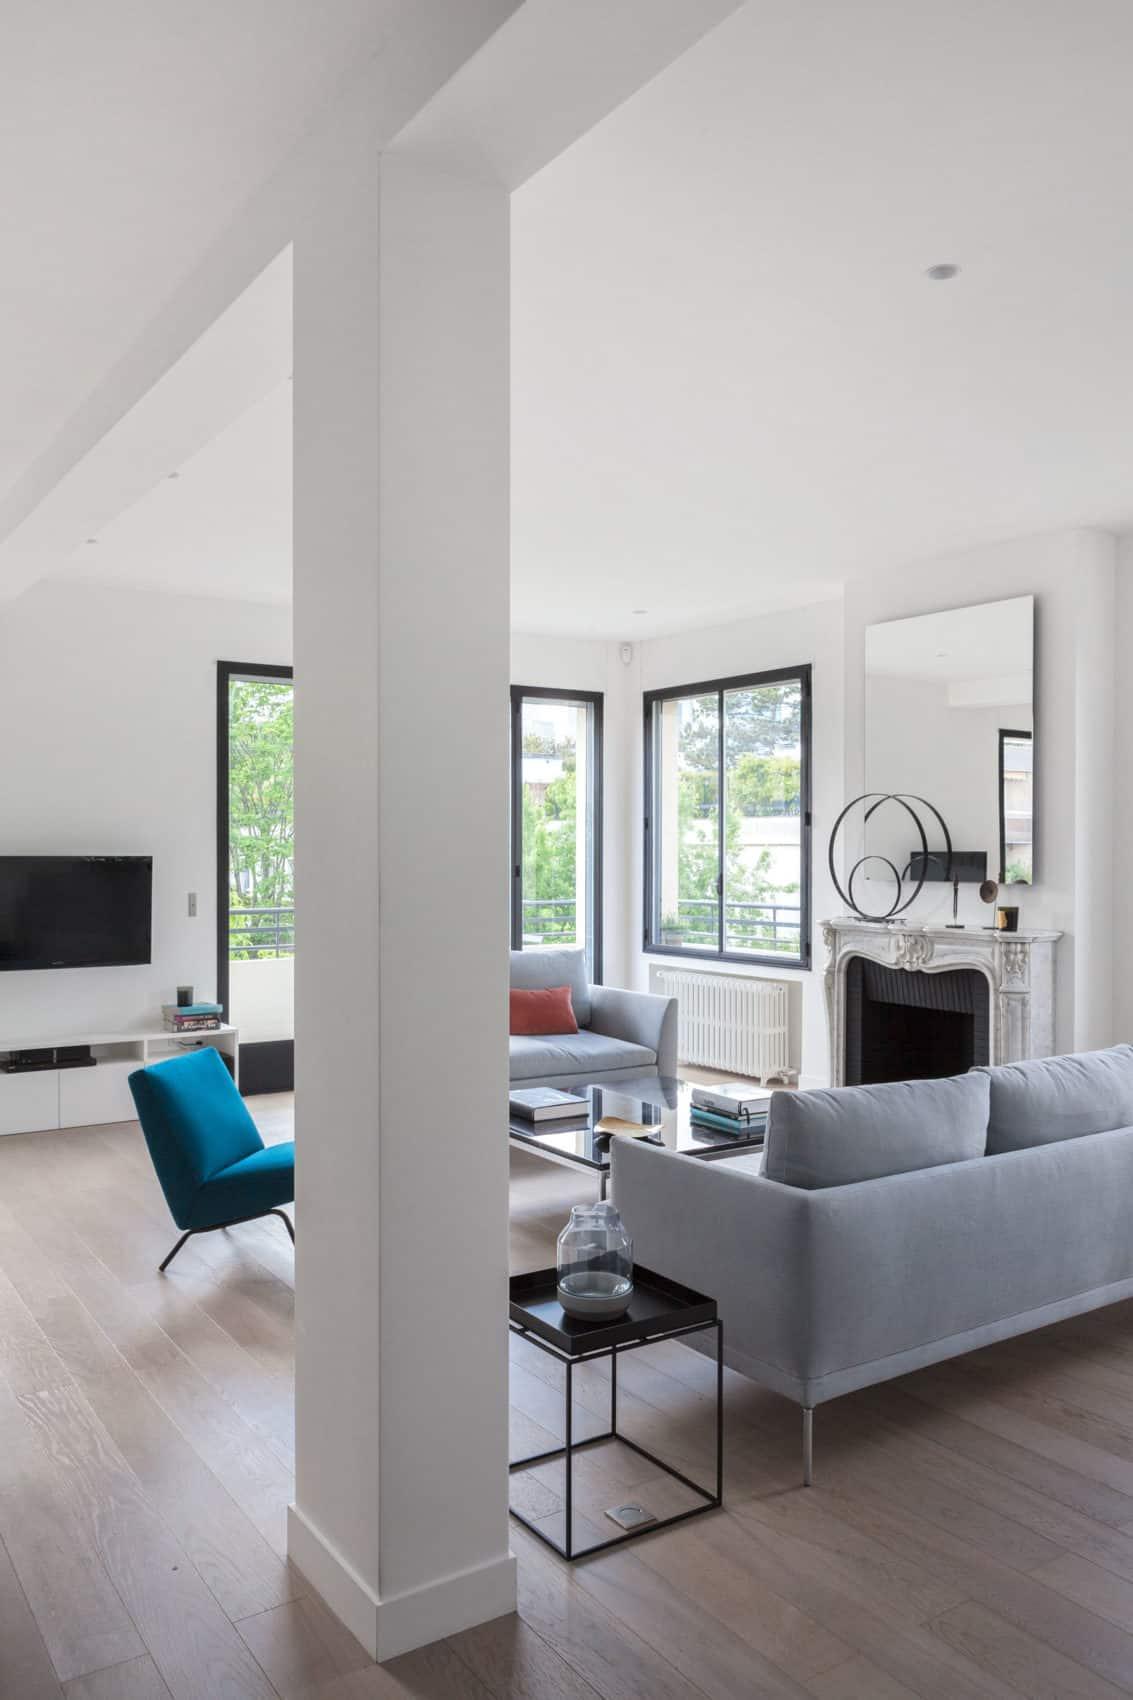 Elegant Home Re-Designed by Agence Frédéric Flanquart (2)